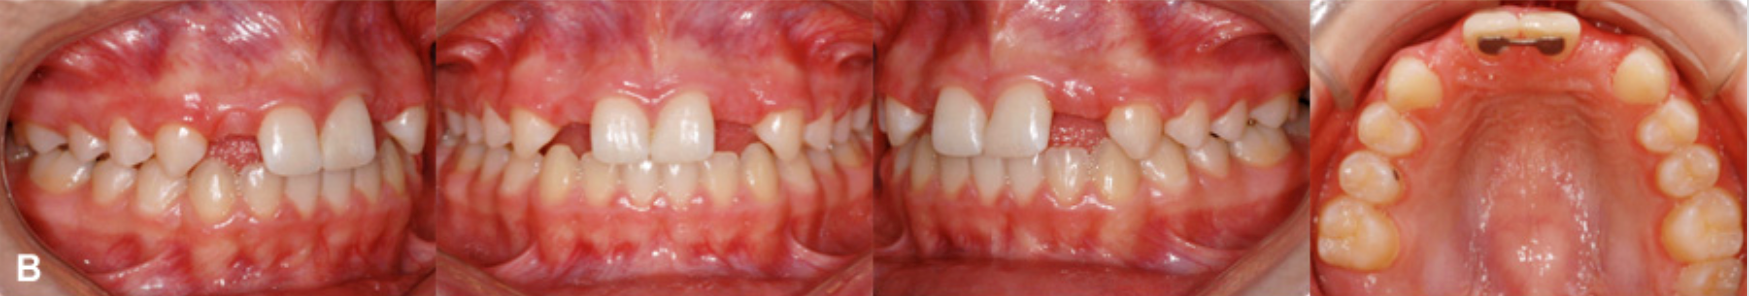 4 1 - فقدان مادرزادی دندان